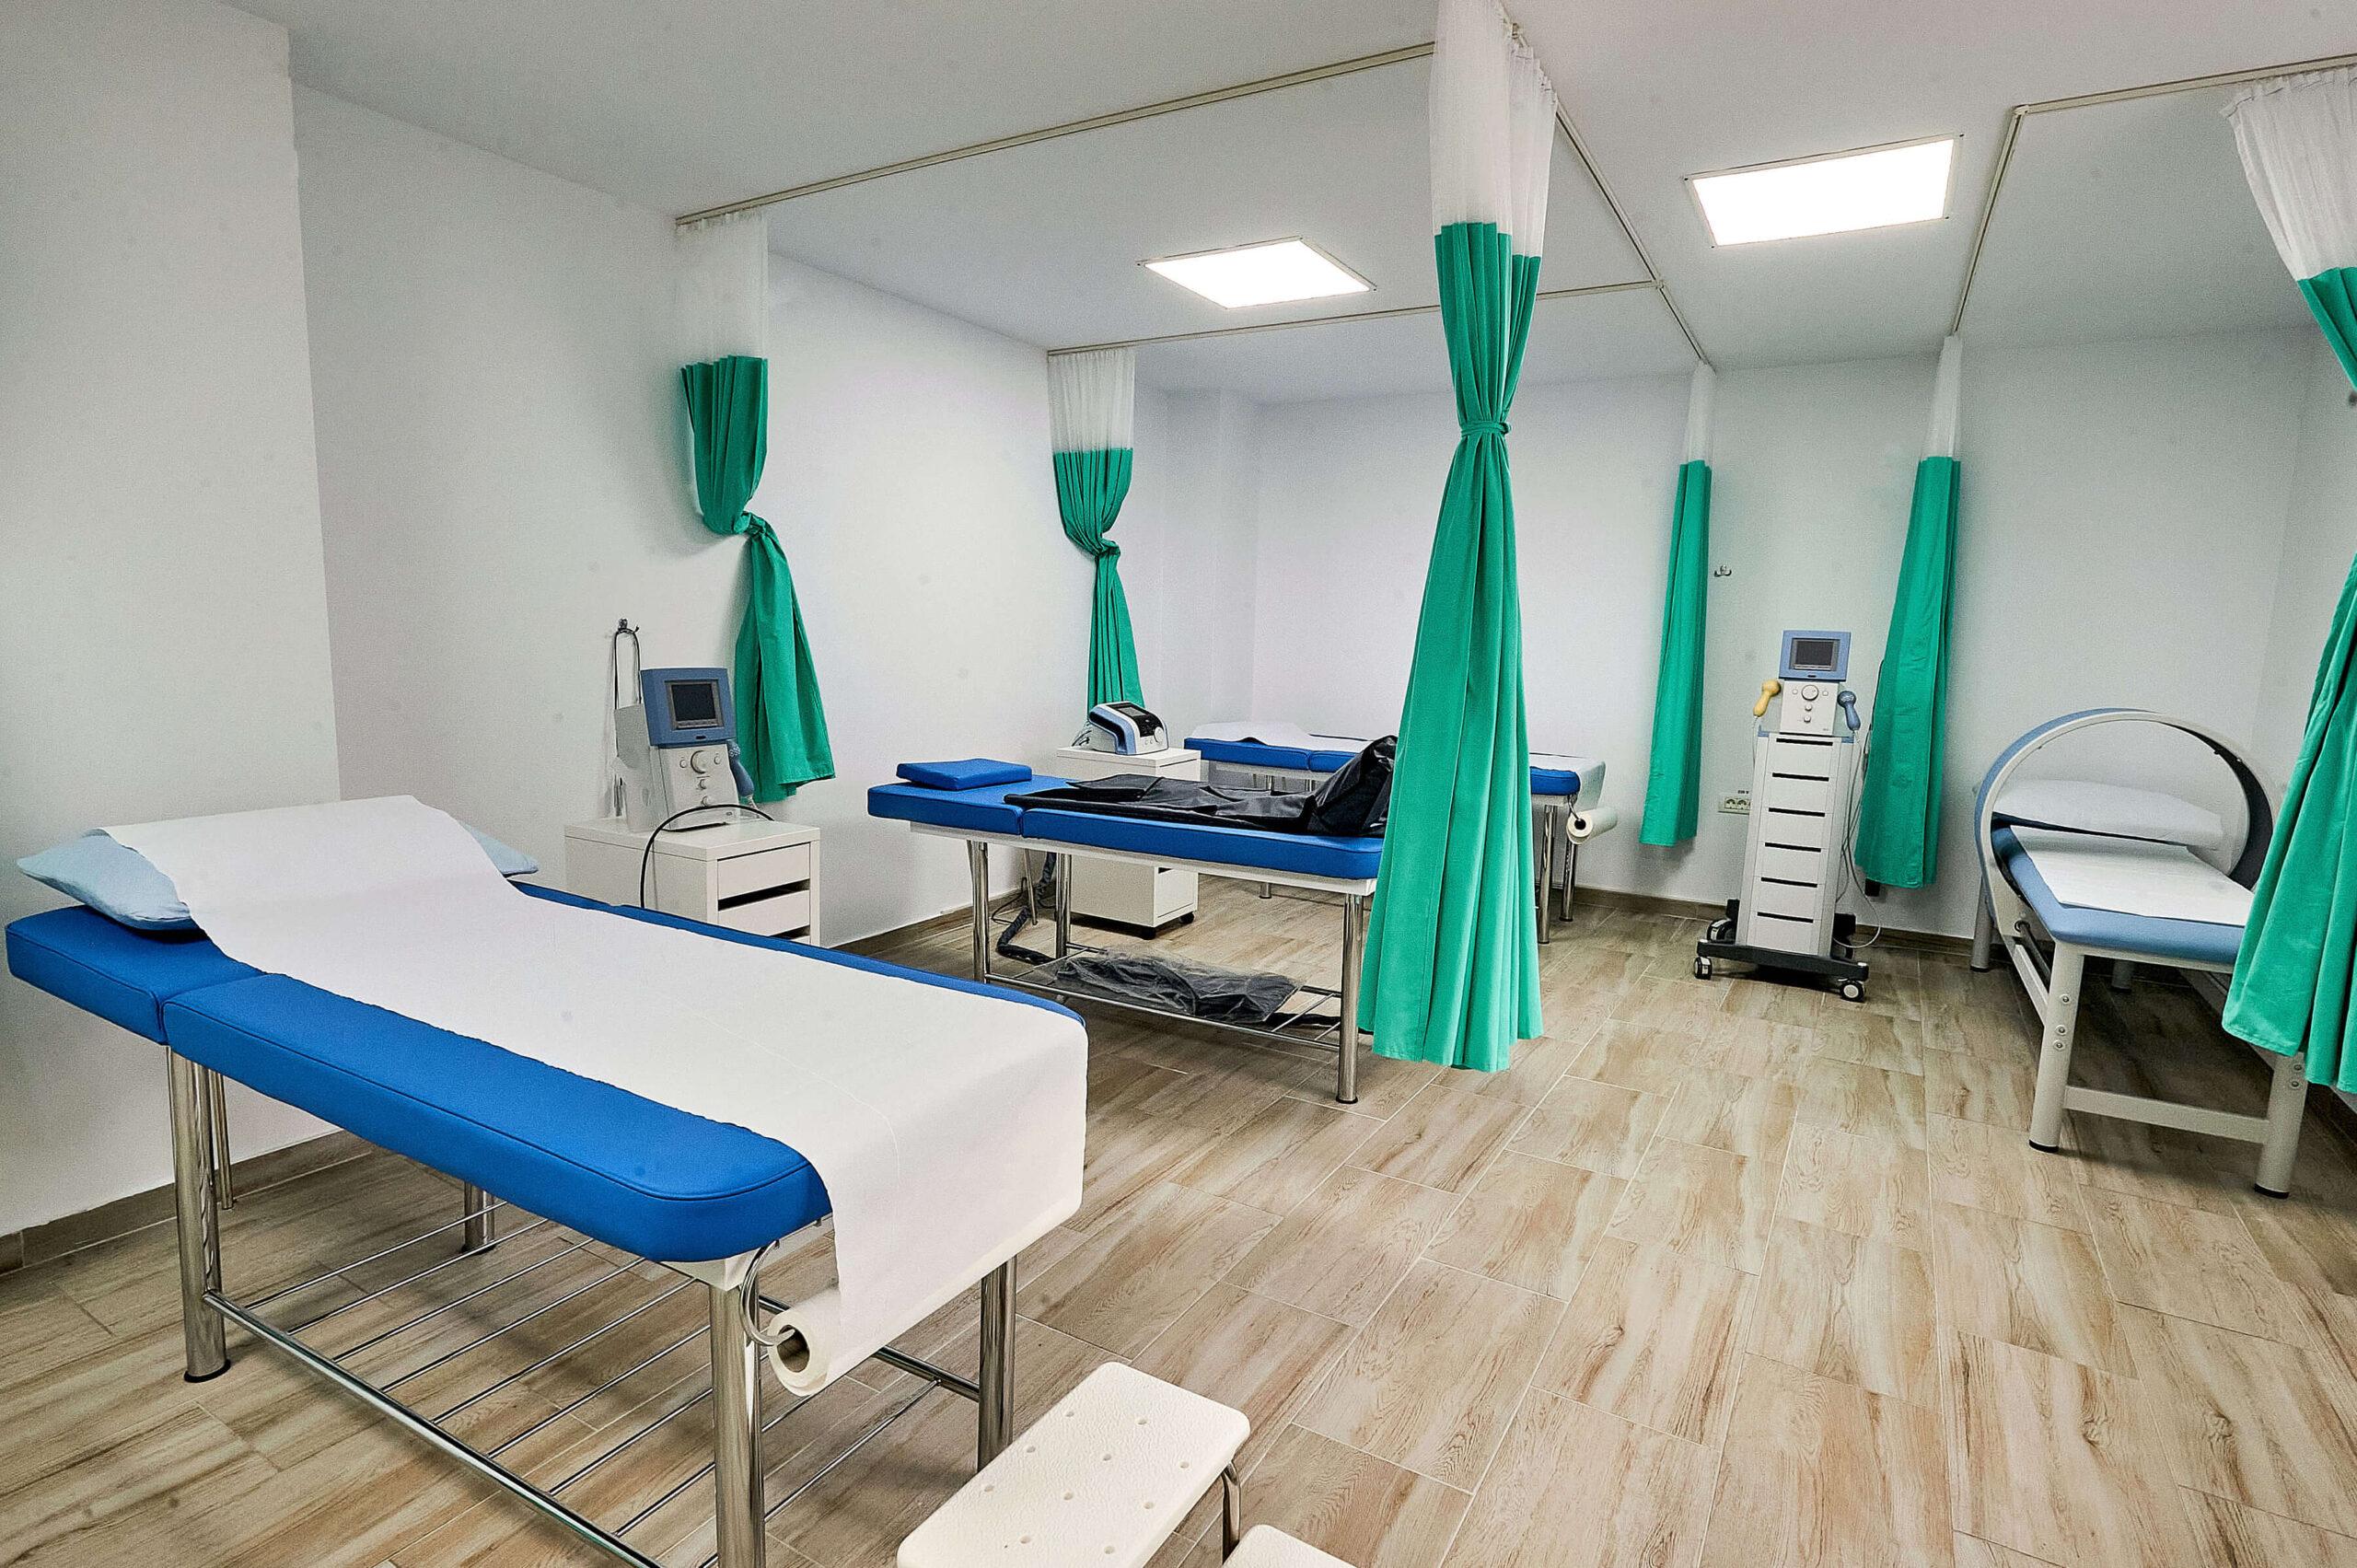 Servicii - Clinica de recuperare medicala Flexmed Constanta. Consultatii Medicale, Kinetoterapie, Fizioterapie, Masaj Terapeutic